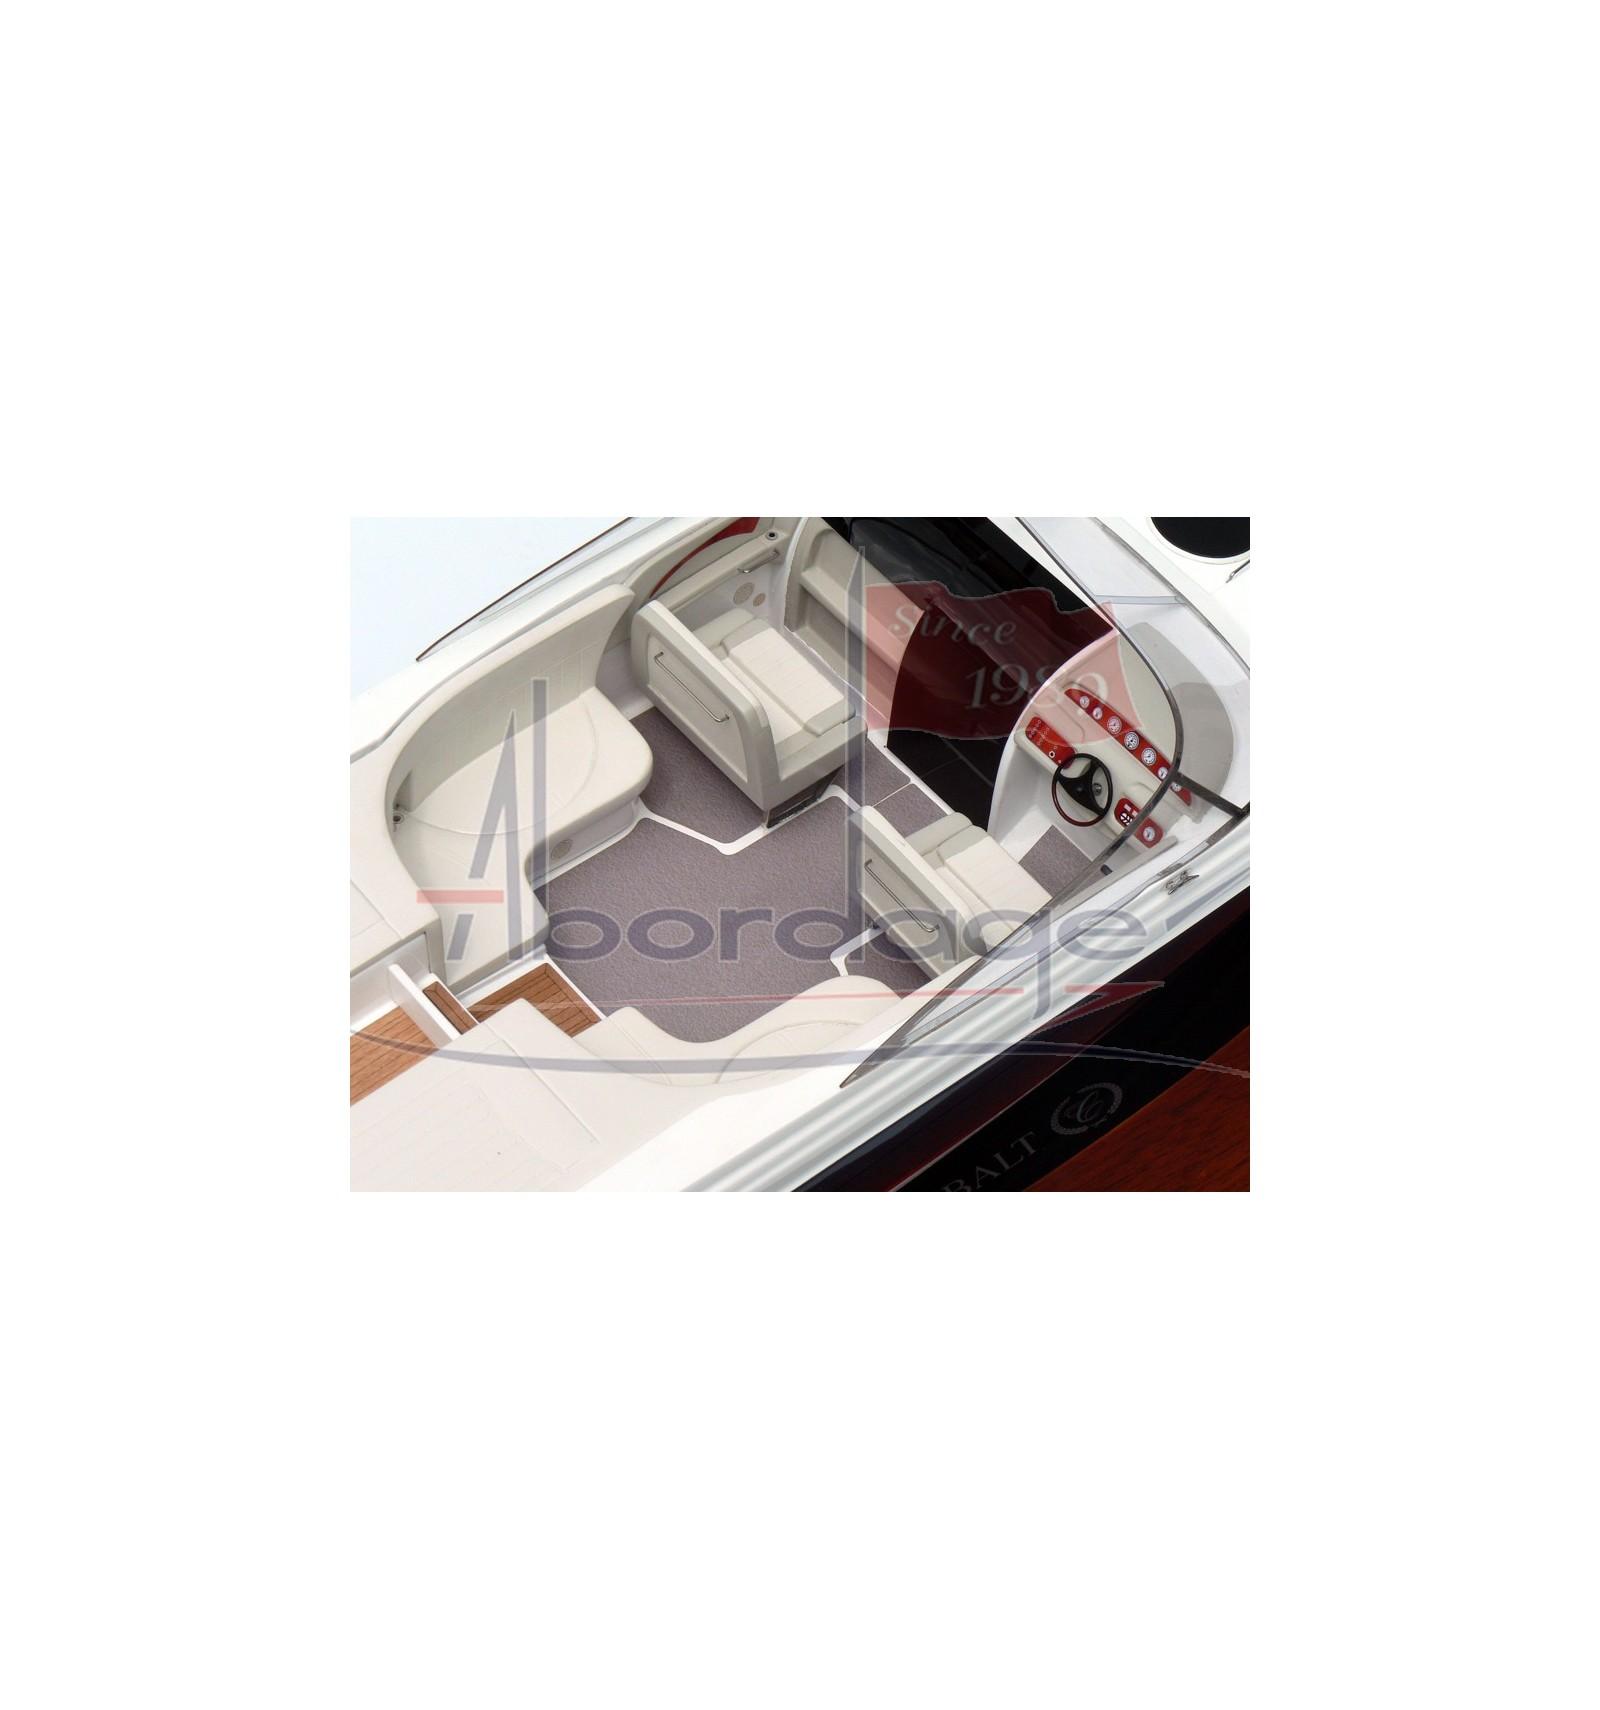 custom model cobalt 263 yacht delivered worldwide. Black Bedroom Furniture Sets. Home Design Ideas